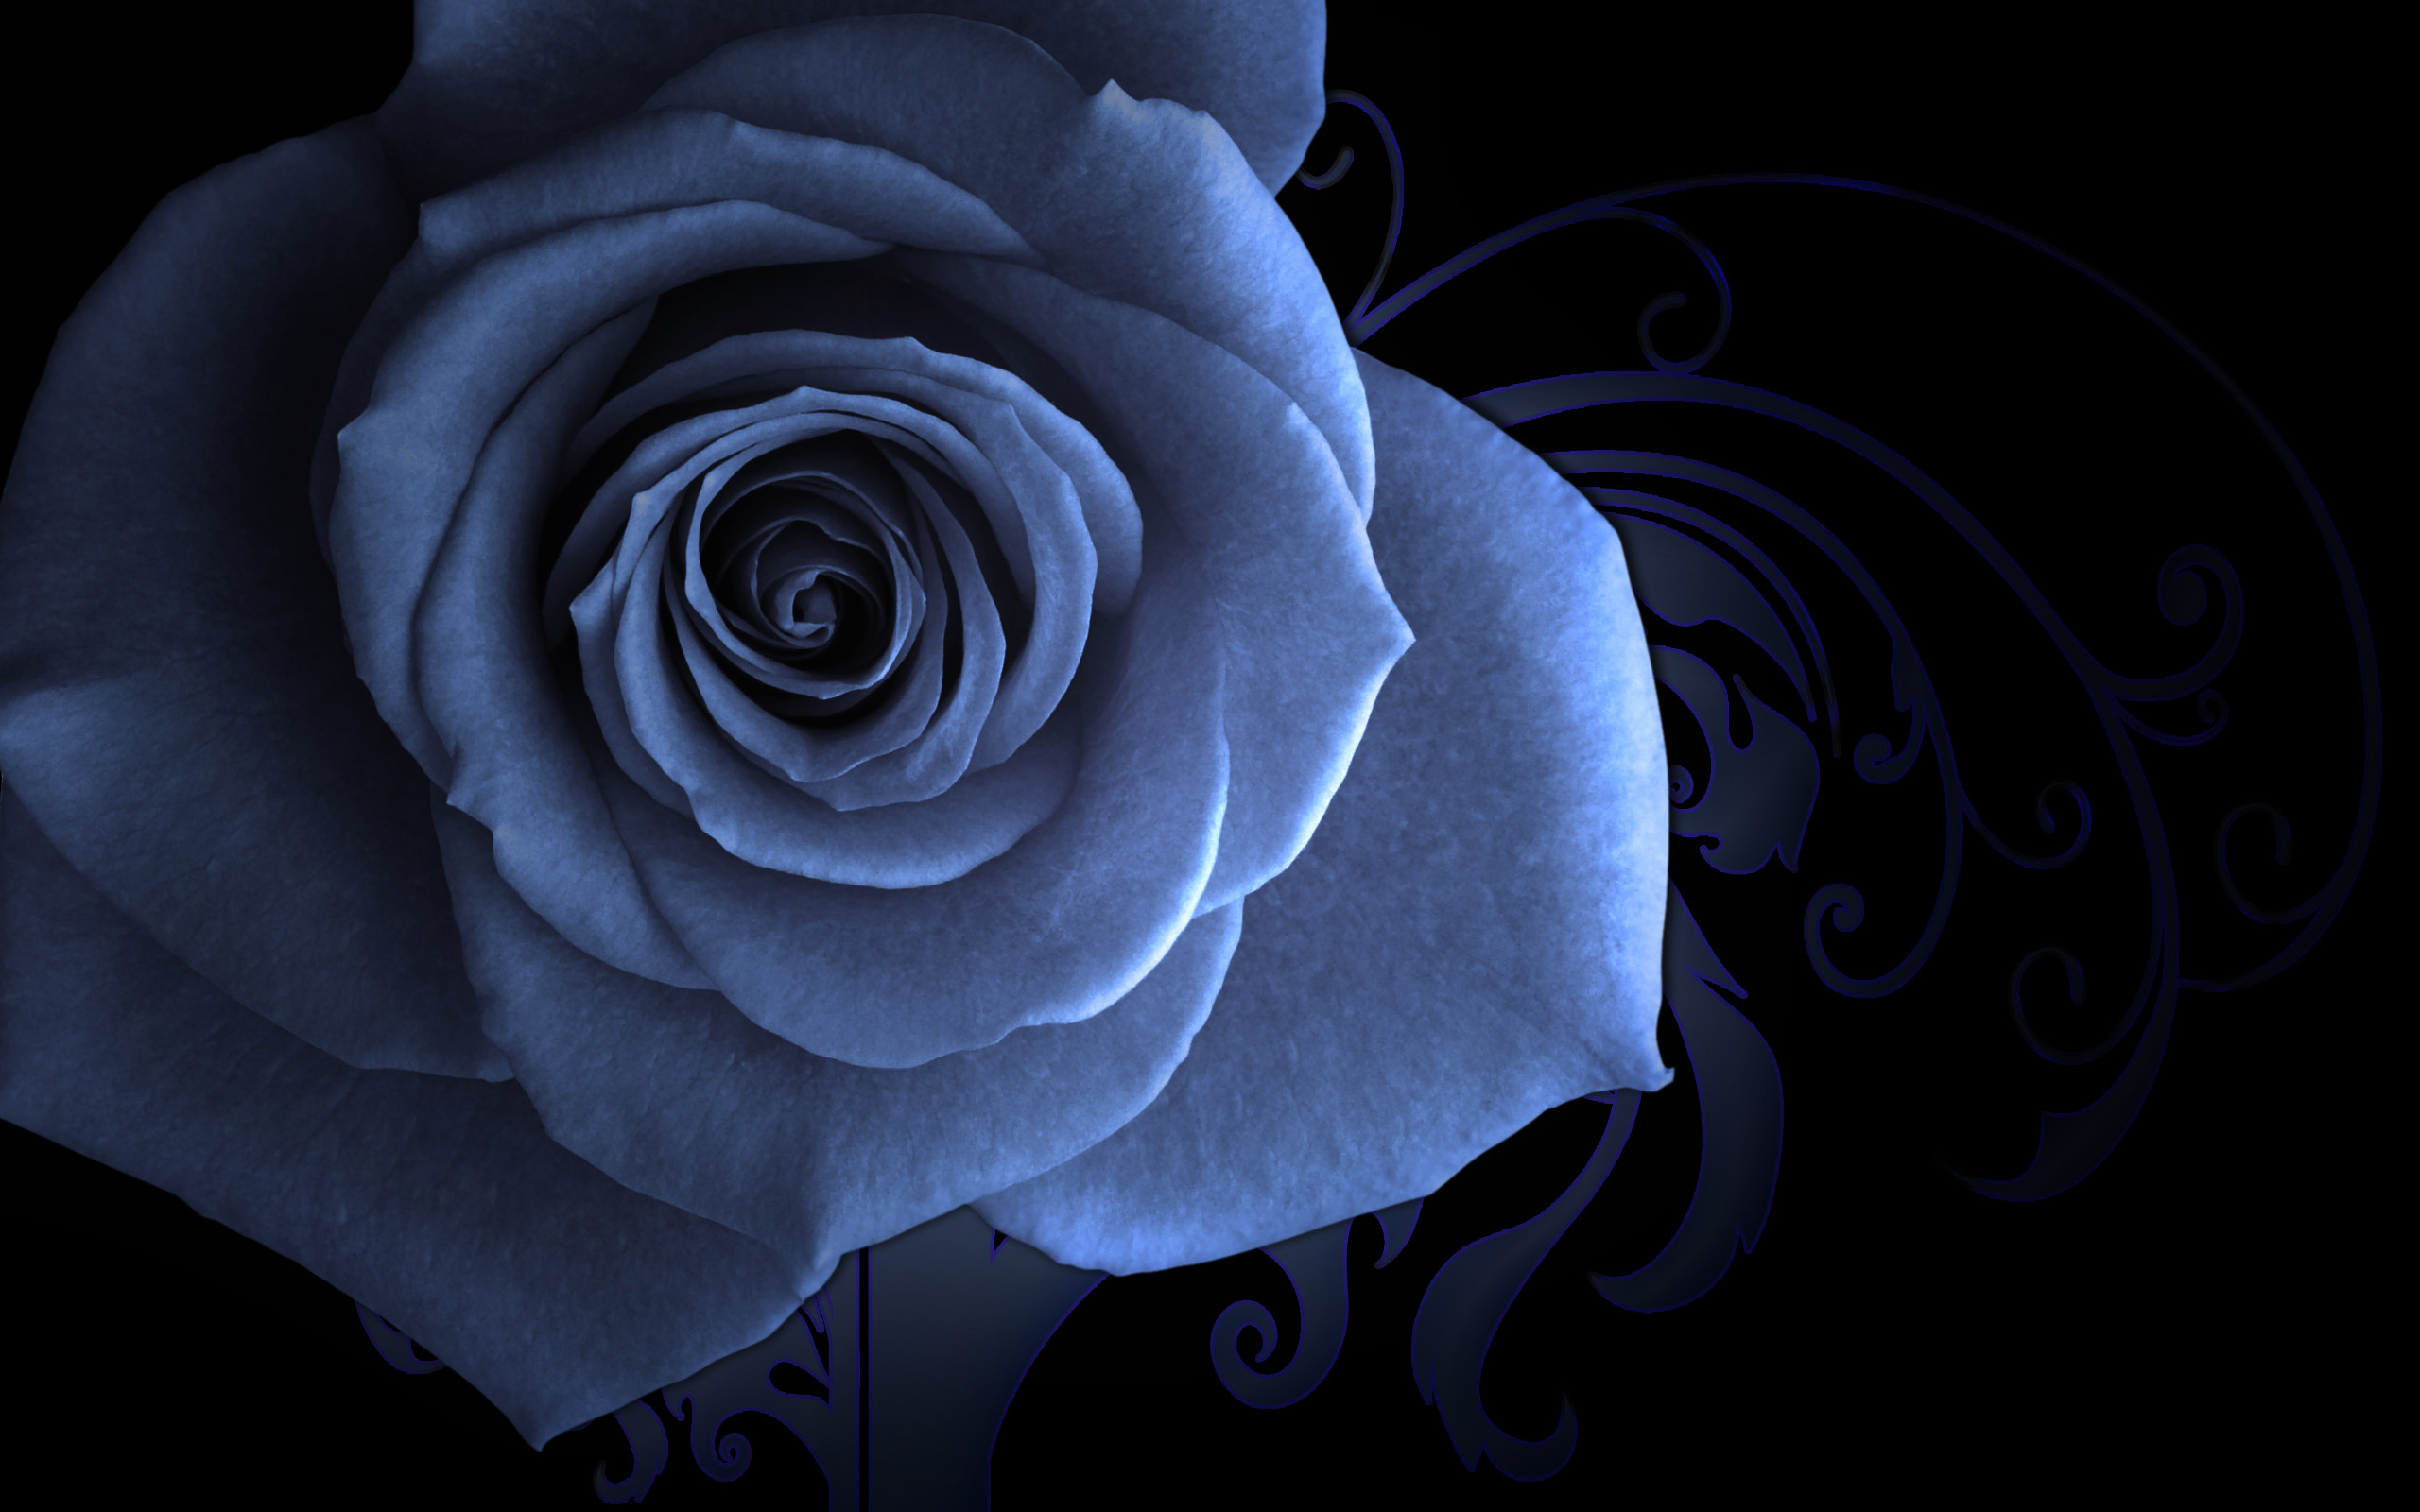 белые розы на черном фоне обои на рабочий стол № 133733  скачать